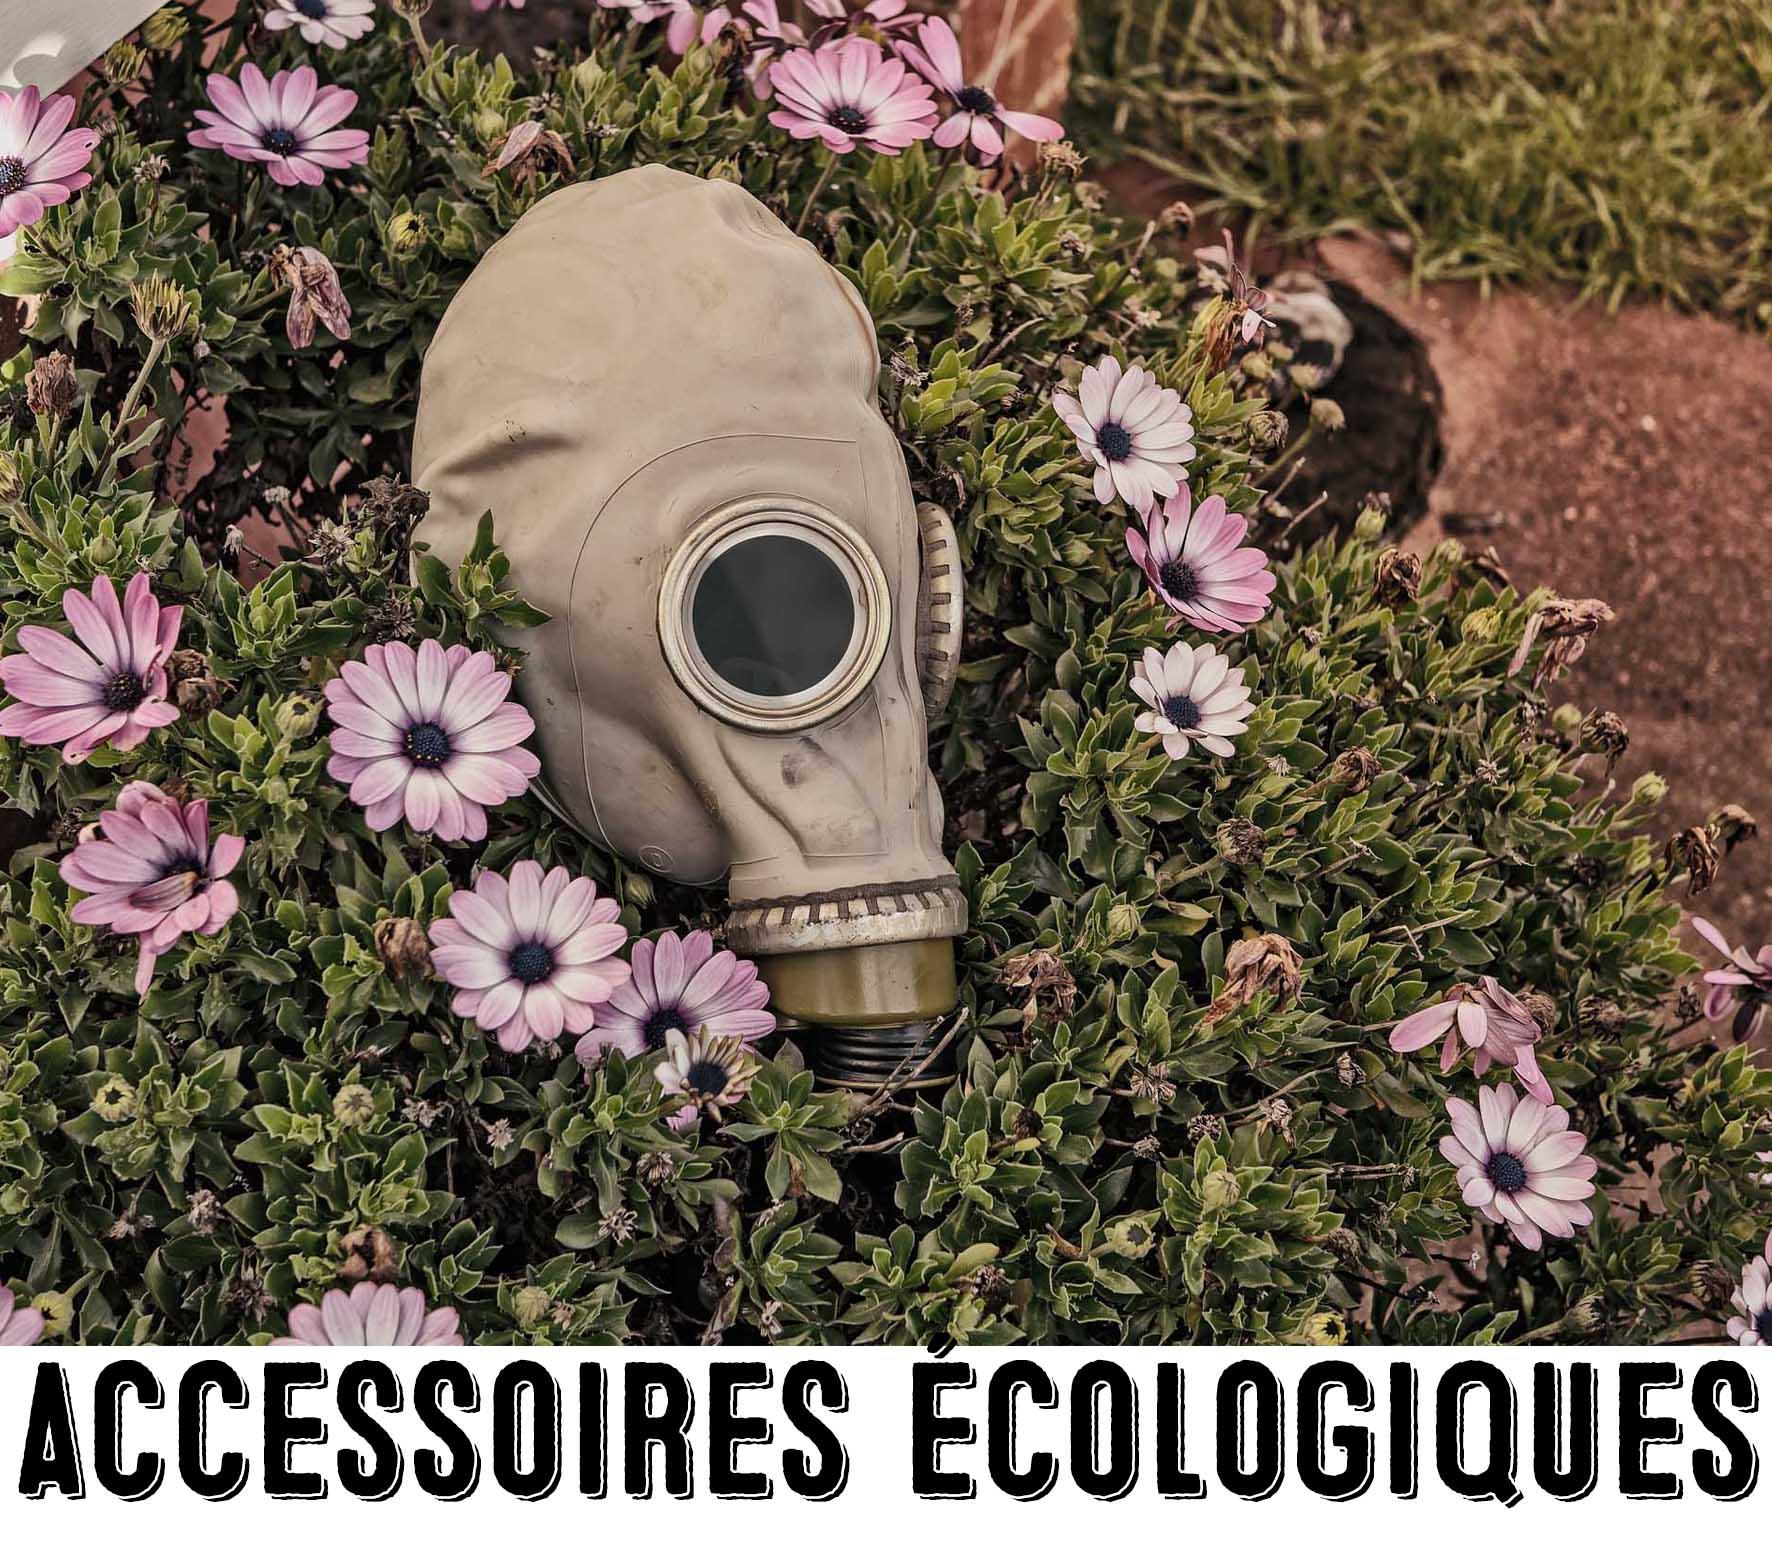 Masque à gaz au milieu des fleurs pour représenter la catégorie accessoires écologiques